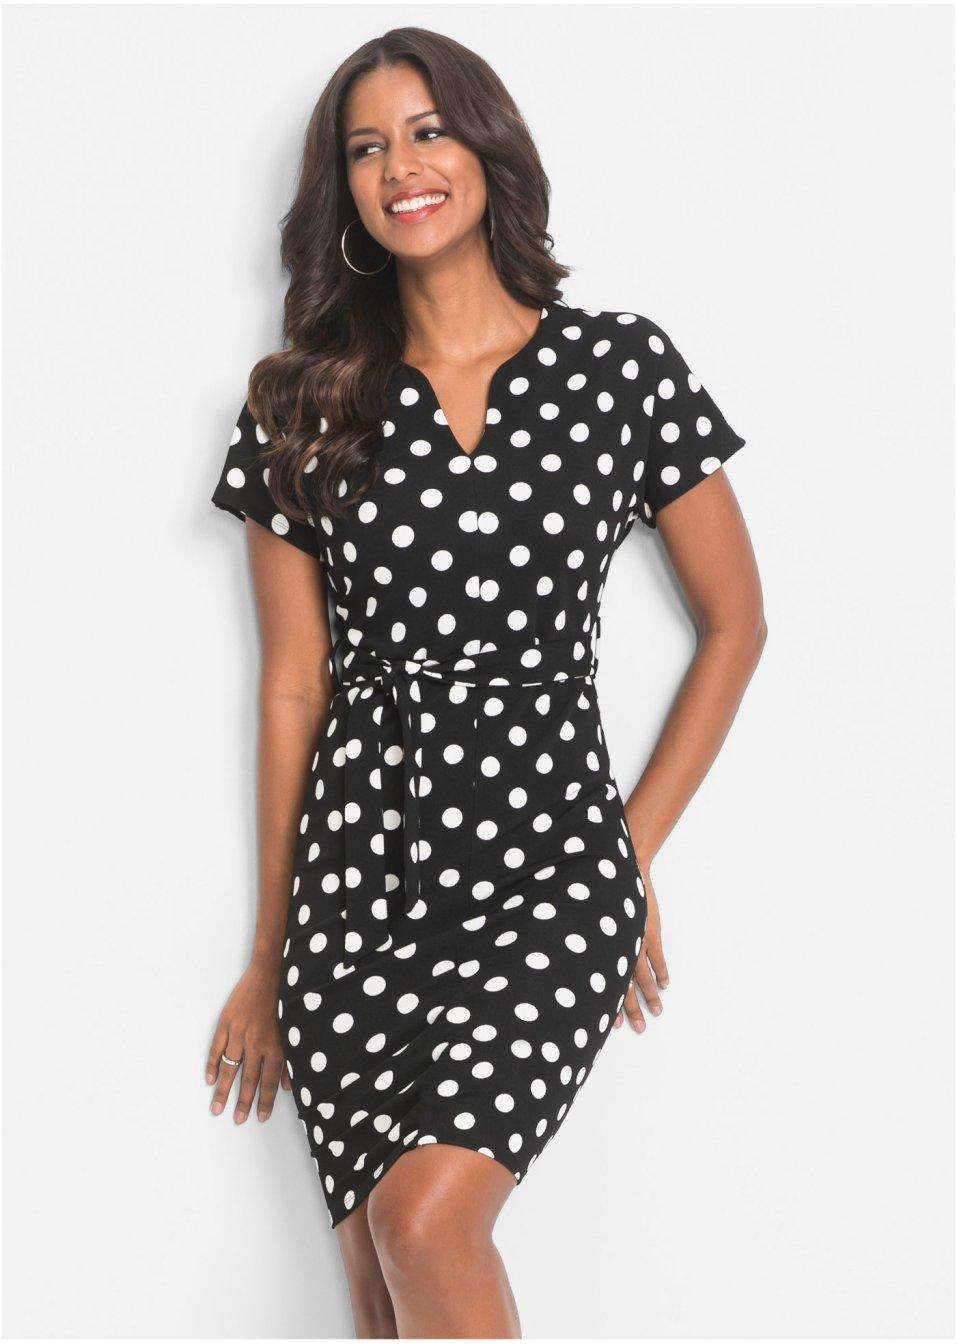 Šaty s puntíky černo-bílá s puntíky - Žena - BODYFLIRT boutique - bonprix.cz 85339d7228